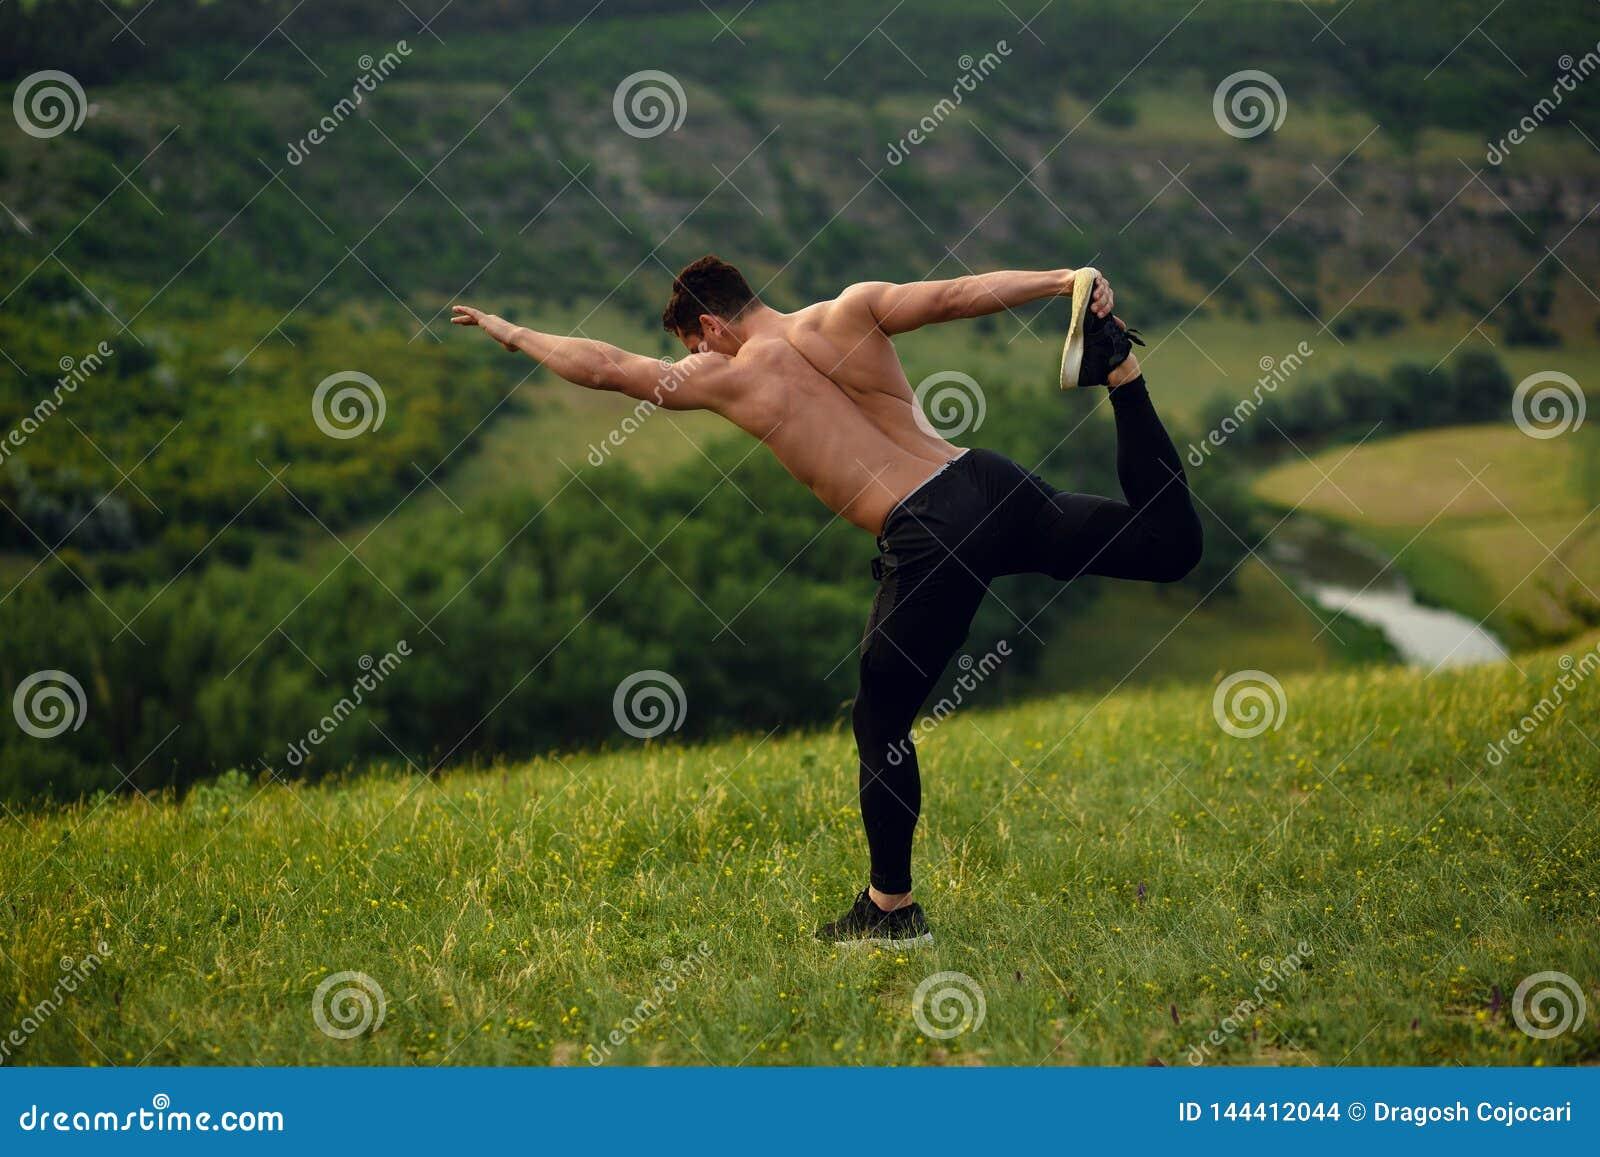 Взгляд сверху на камне, человеке спортсмена молодом с нагим торсом в sportswear делая протягивающ тренировки, предпосылку ландшаф